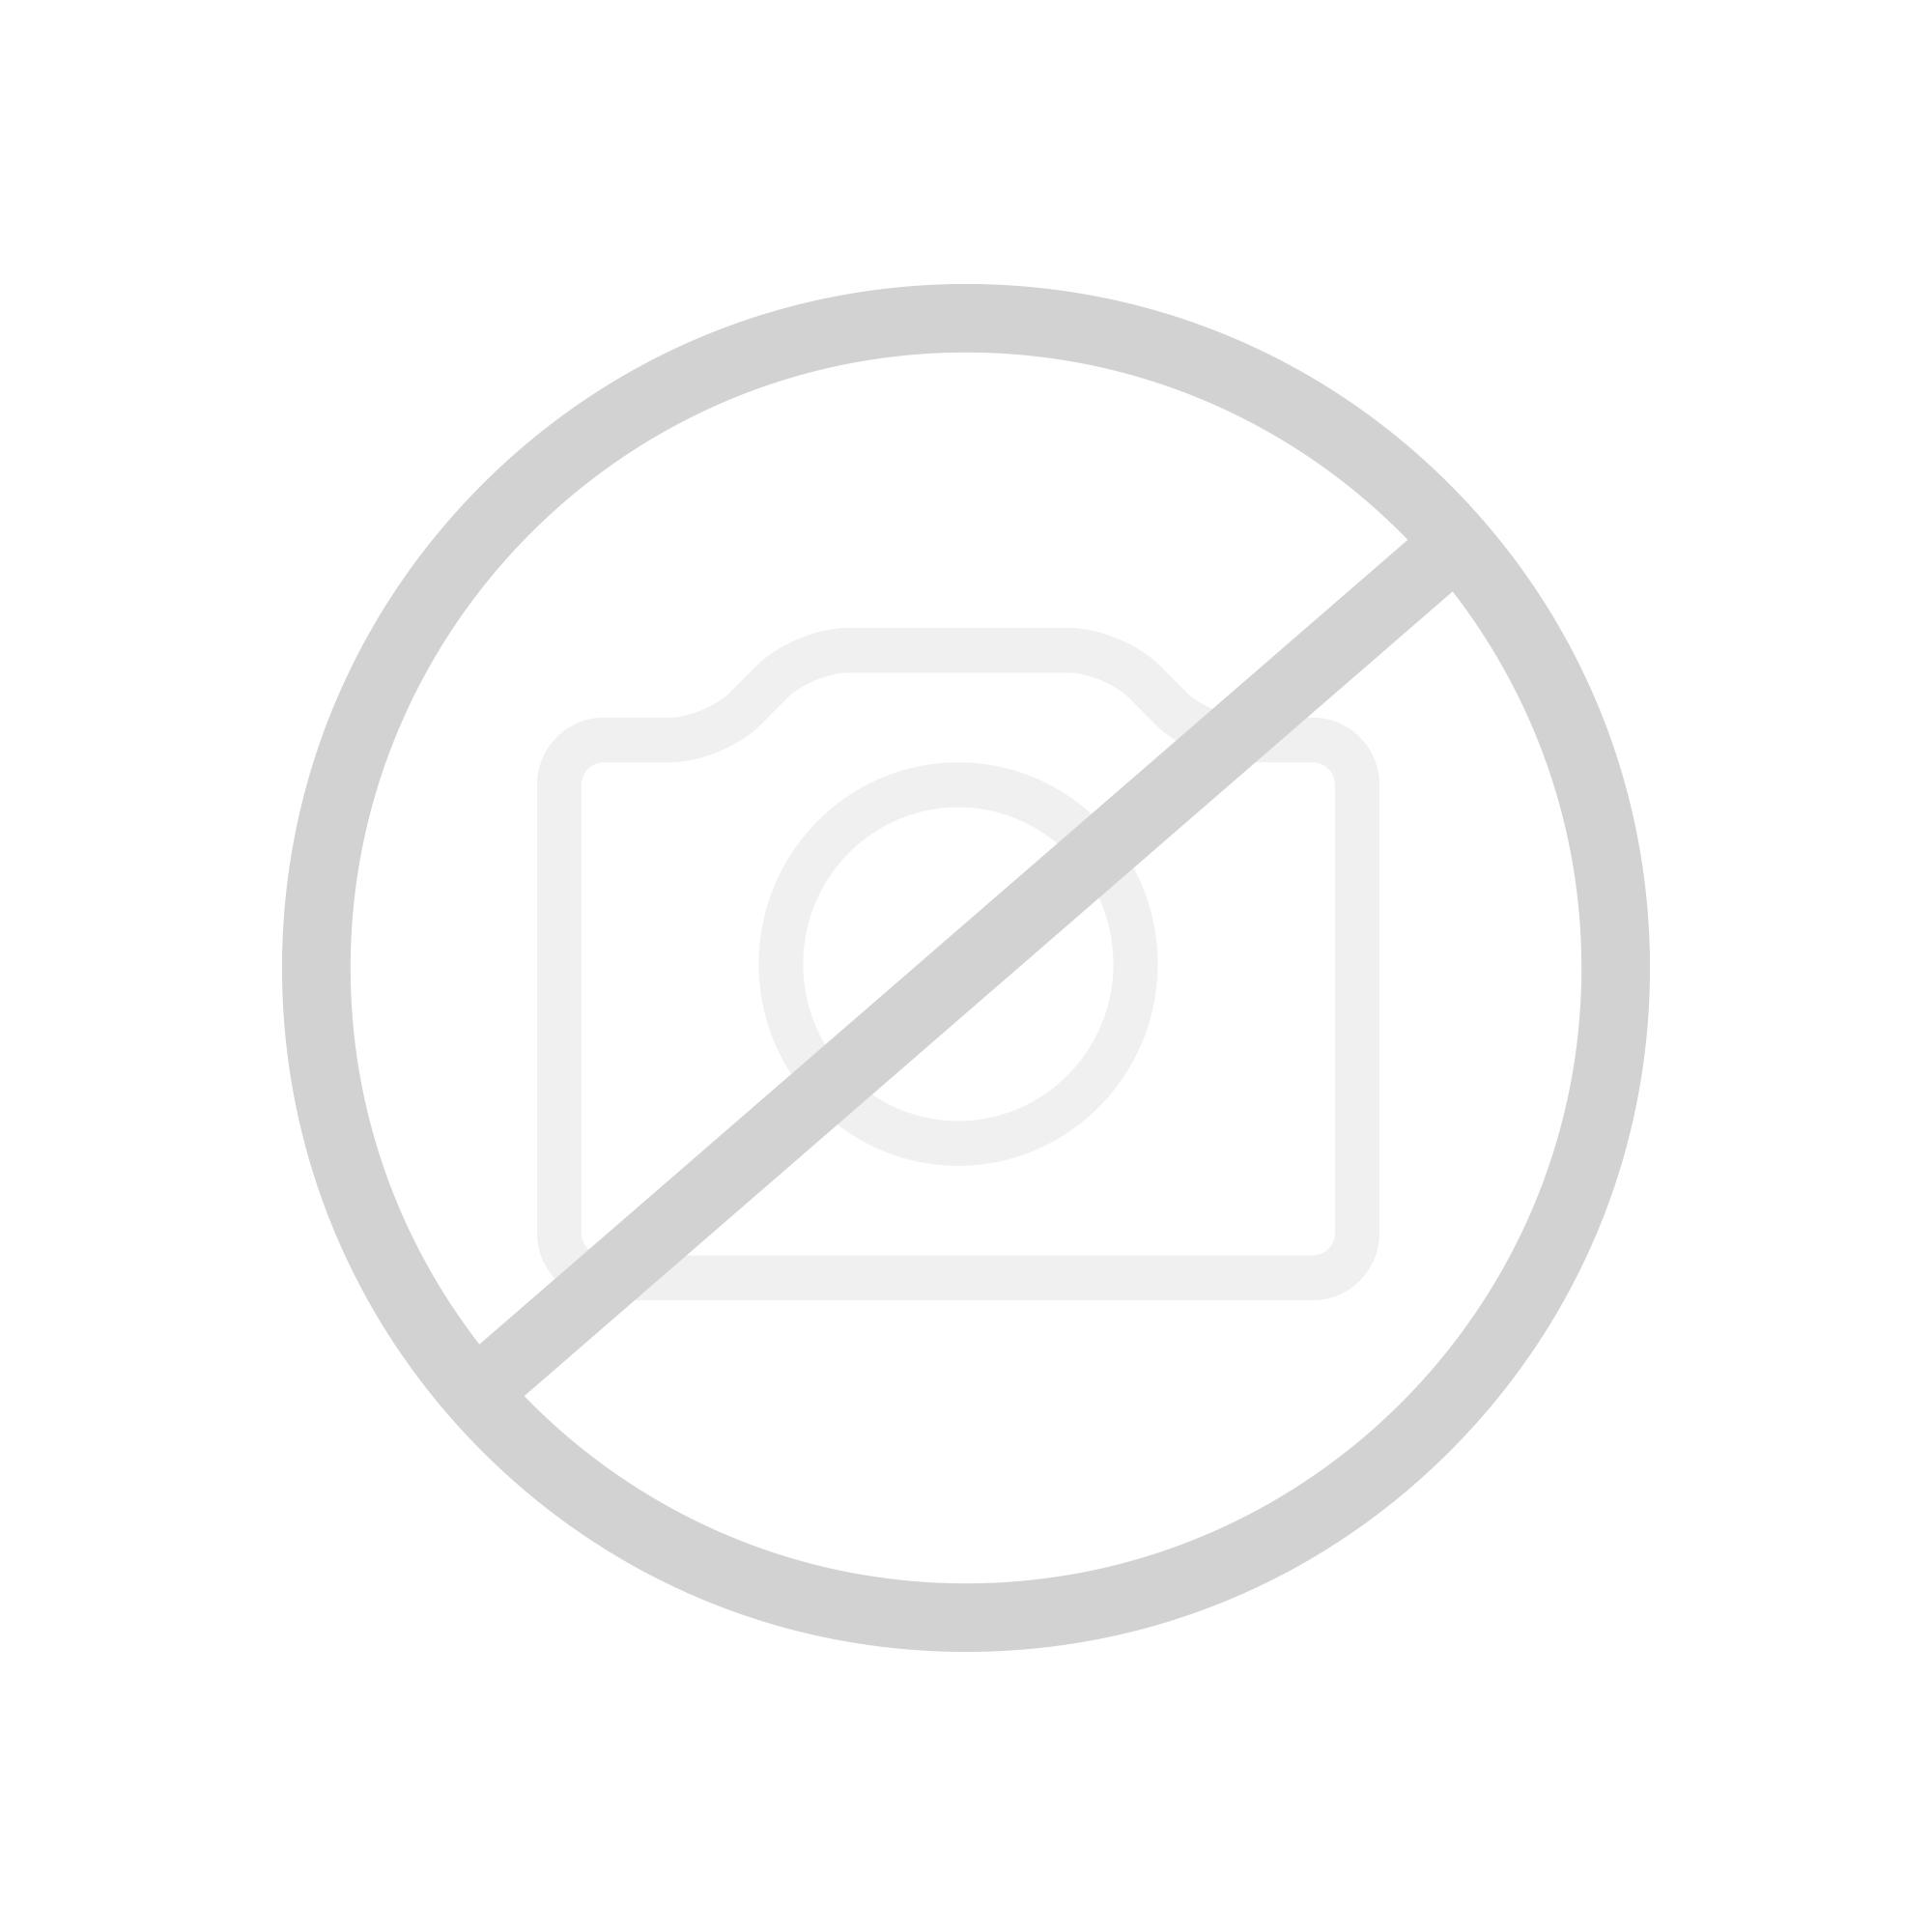 Herzbach NeoCastell Waschtisch-Einlochbatterie, ohne Ablaufgarnitur